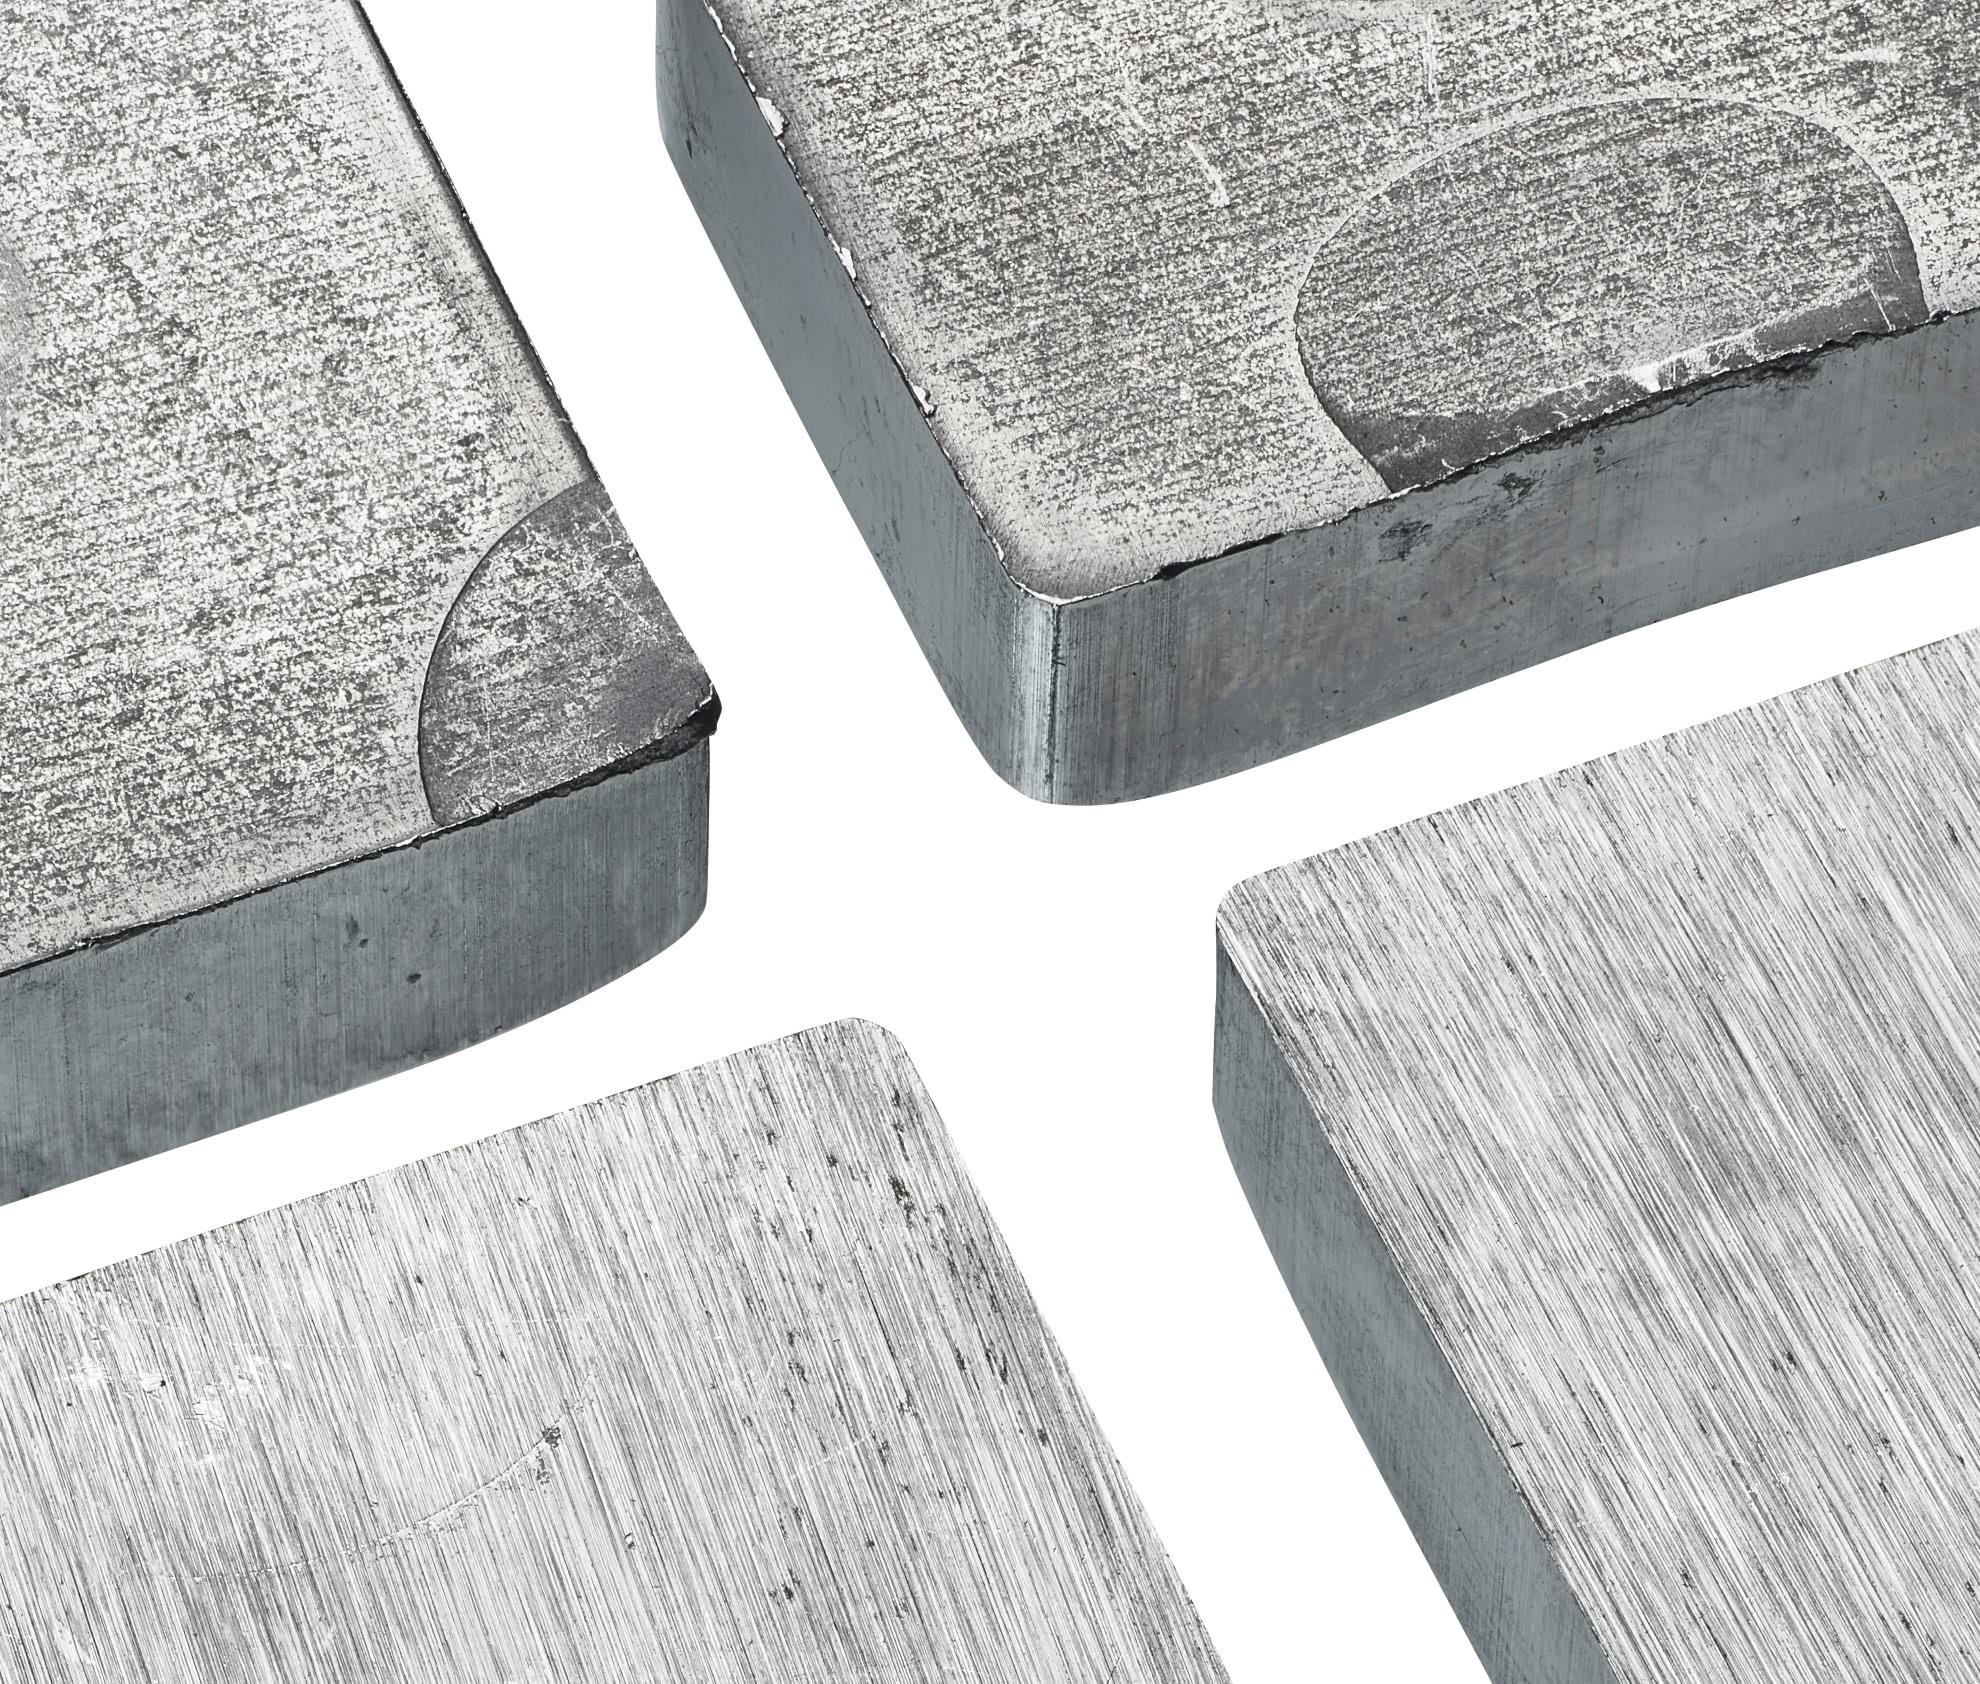 05_Bauteile_flächenbandschleifen-bürstentgraten-vorher-nachher